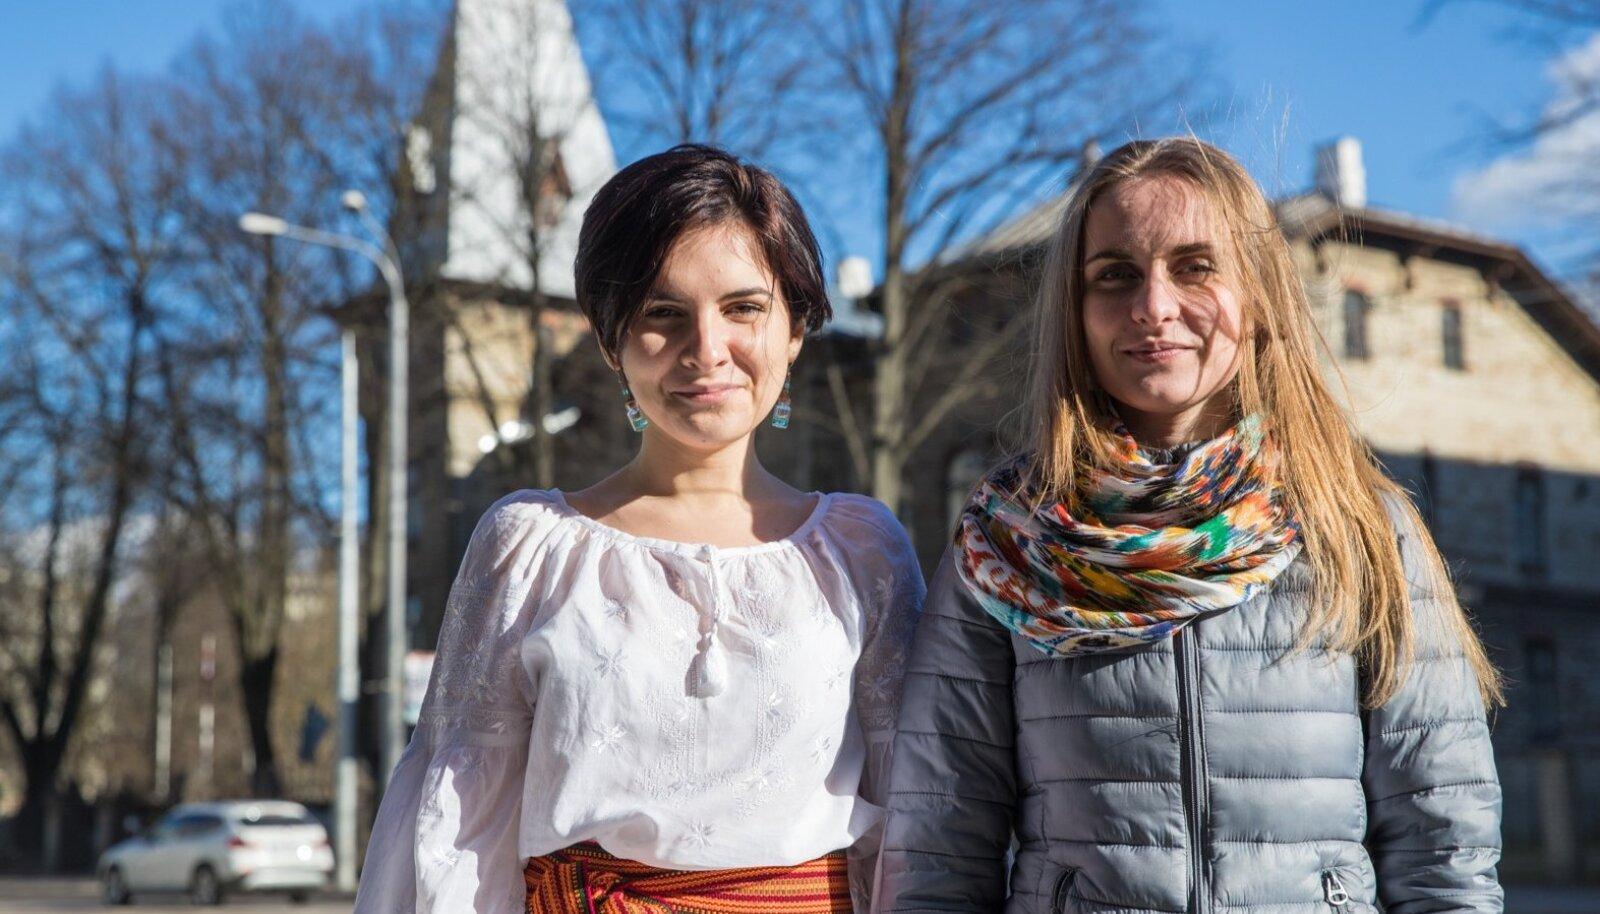 Виктория Савчук (слева) и Александра Дворецкая (справа)